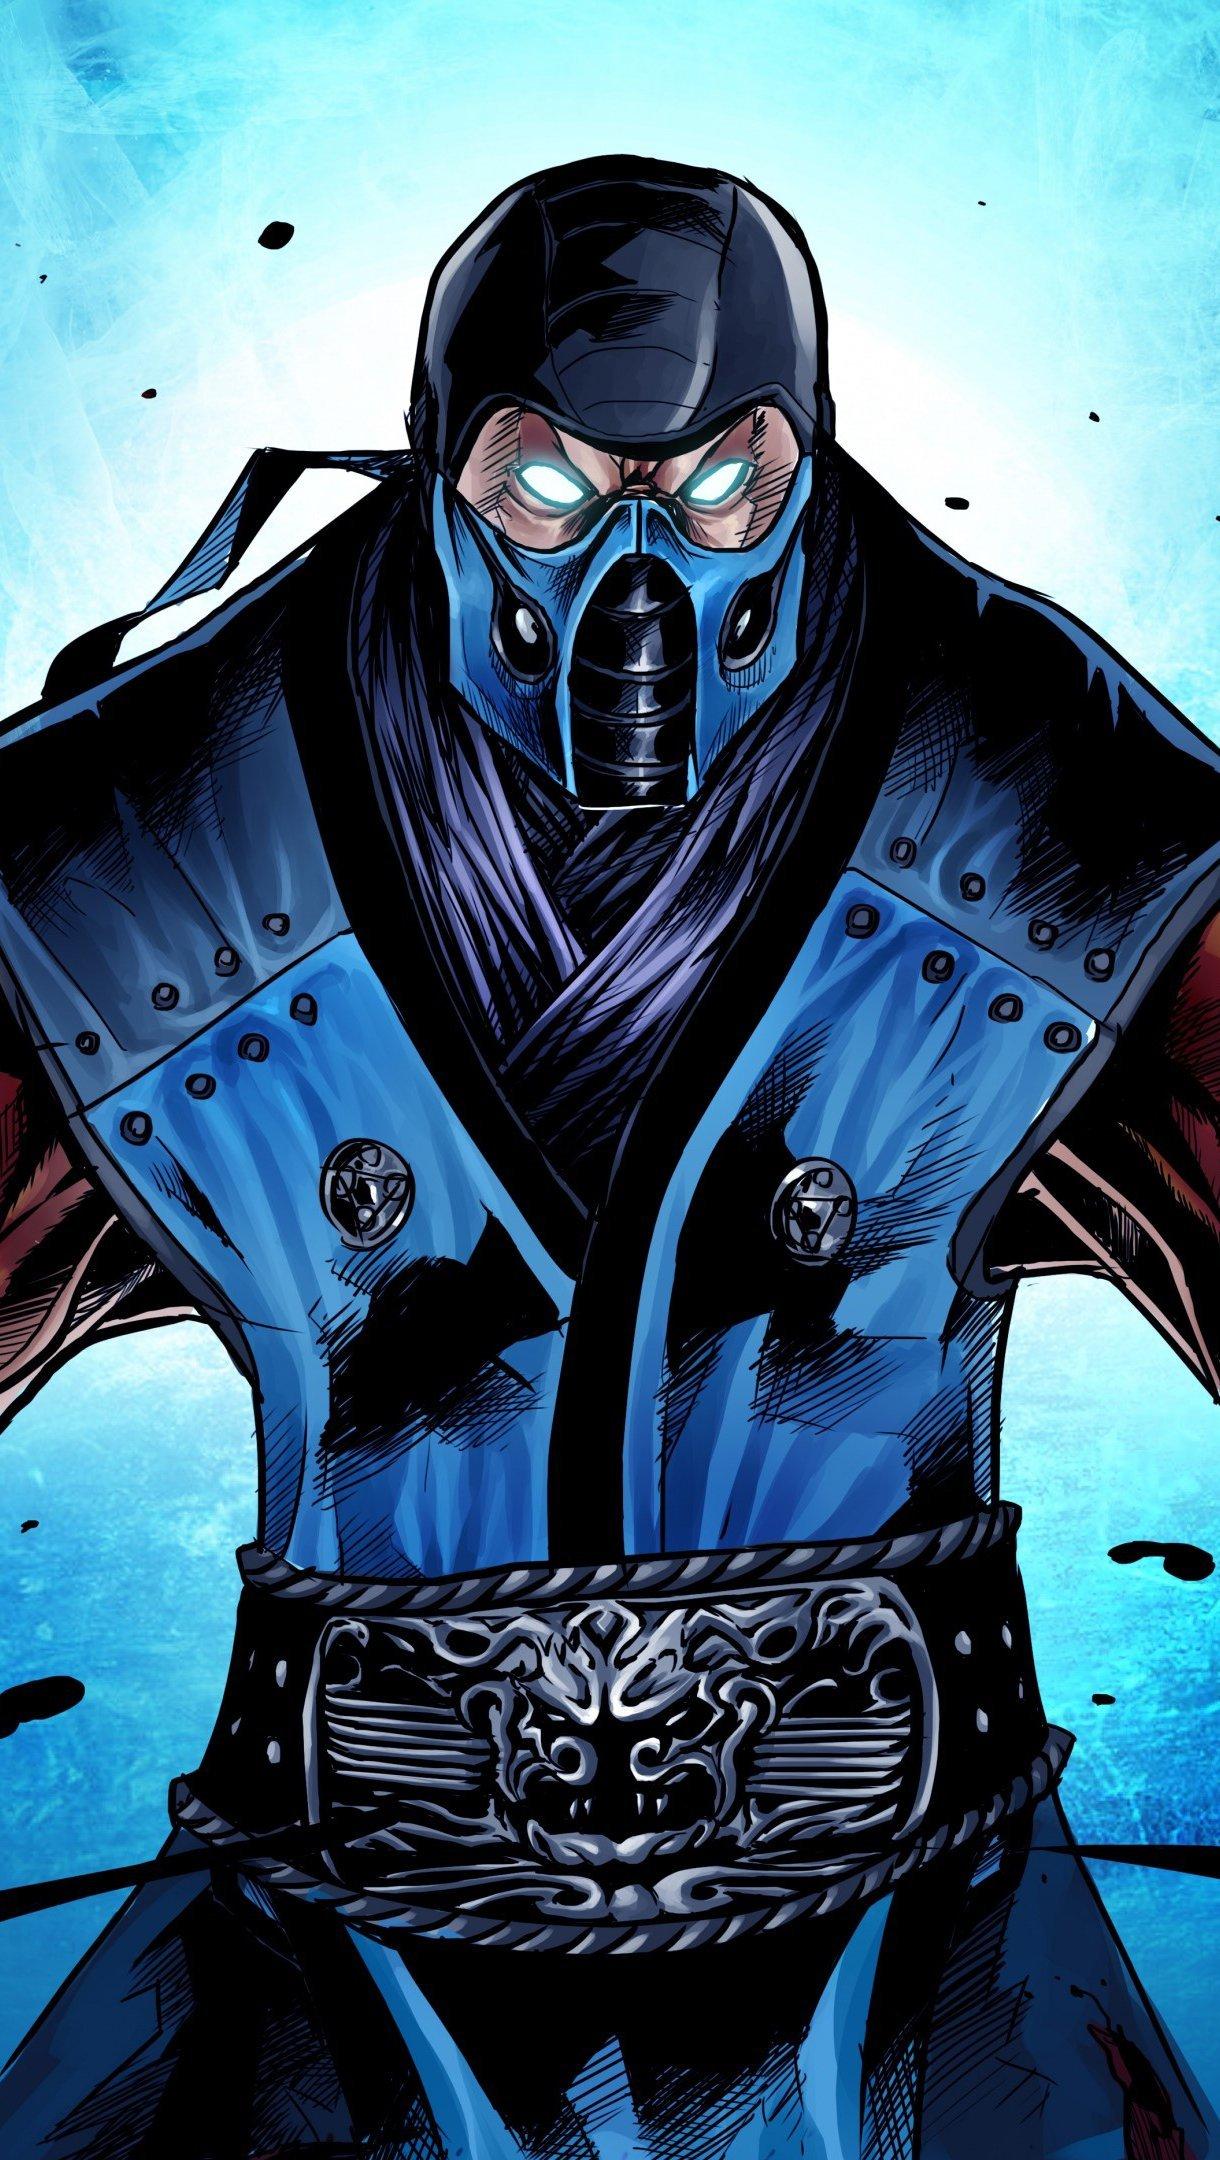 Wallpaper Ninja from the game Mortal Kombat Vertical